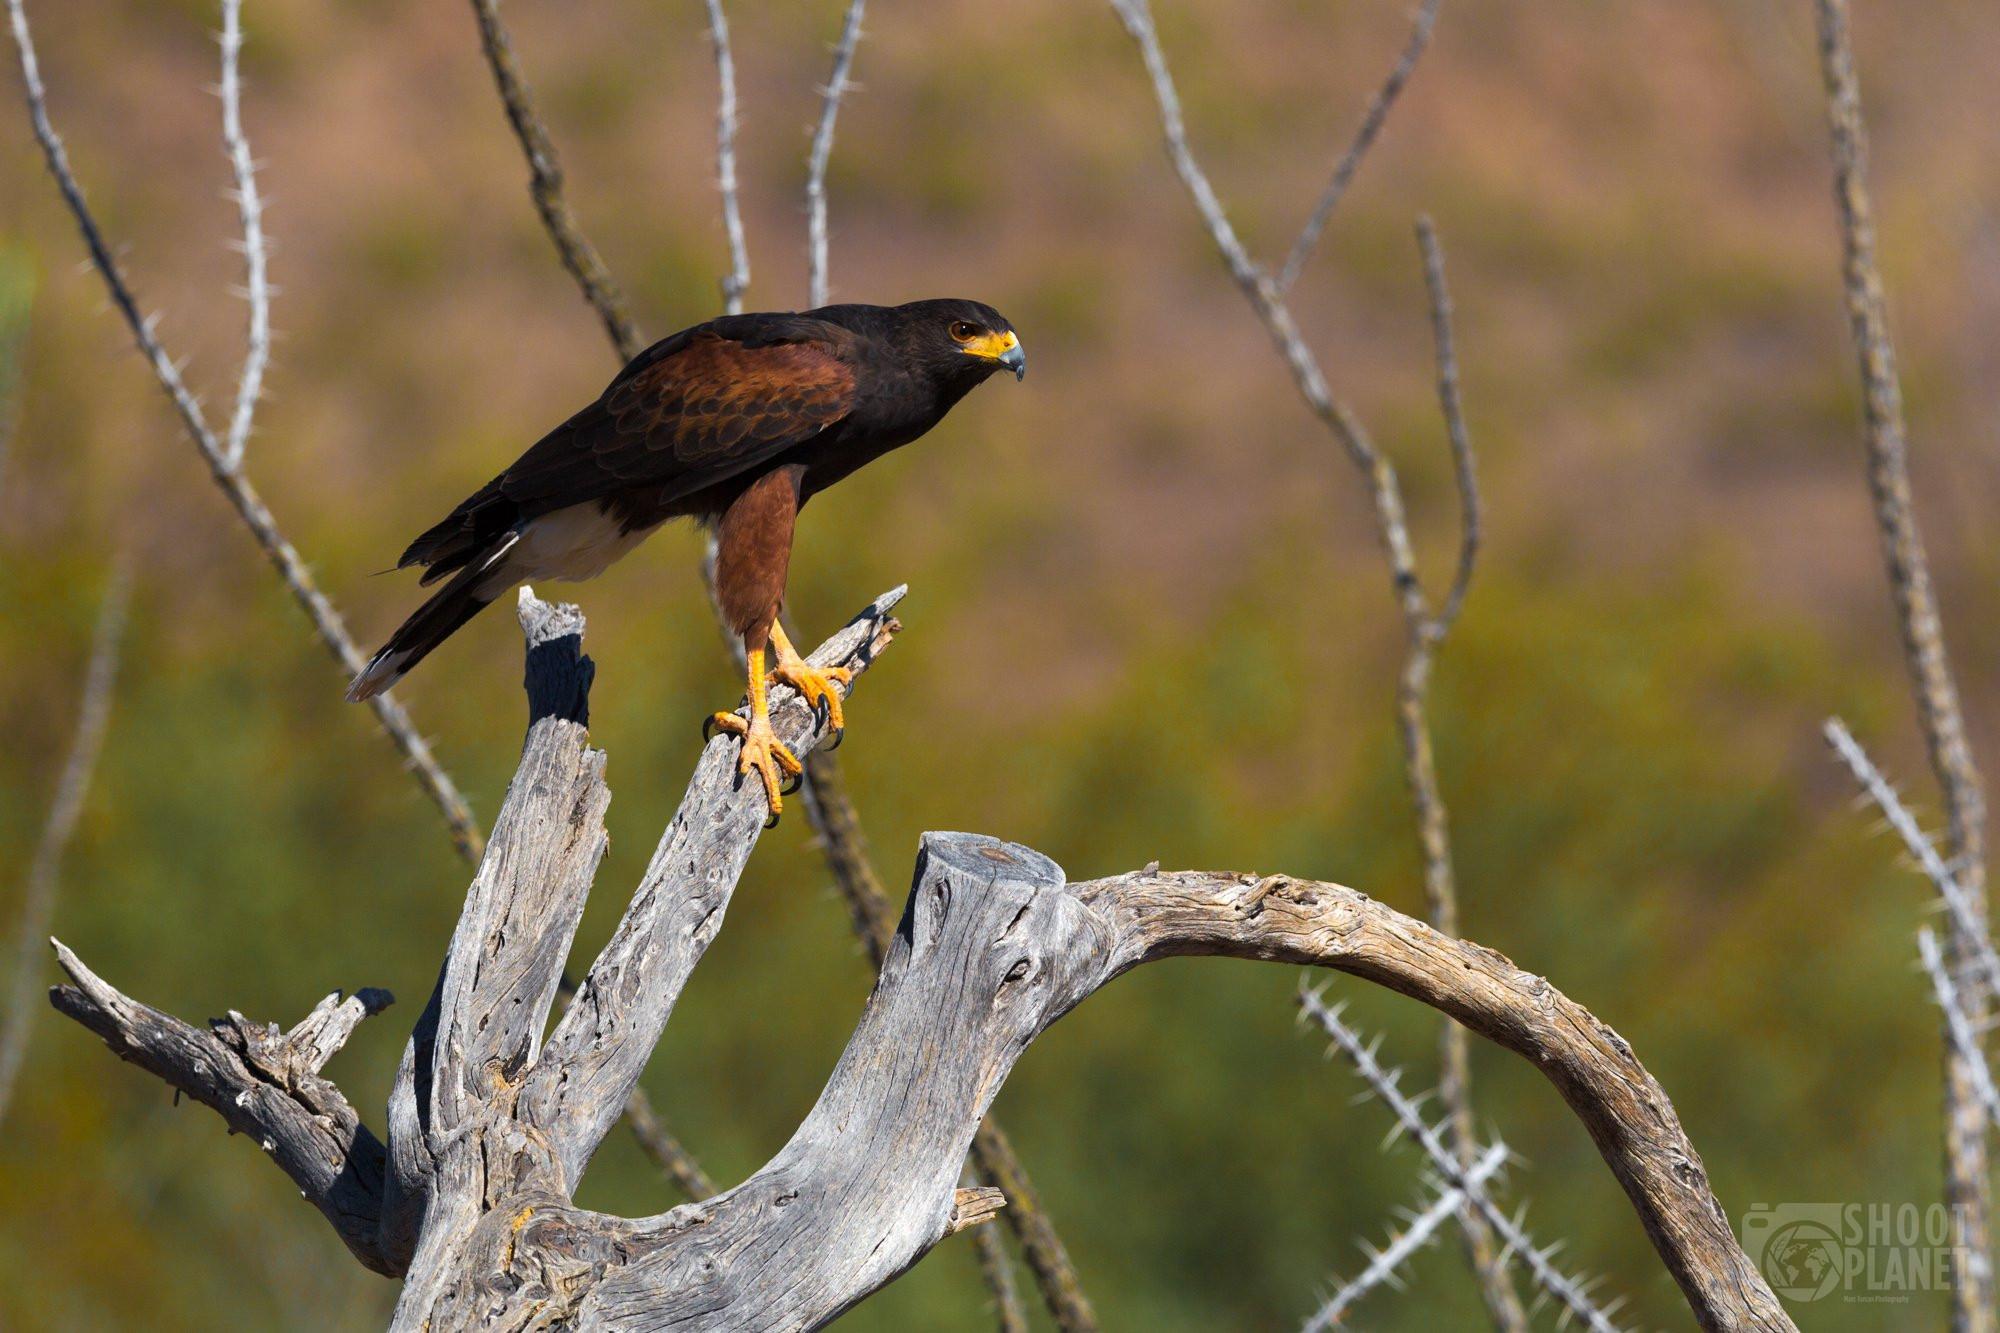 Harris' hawk on Saguaro dead tree, Arizona